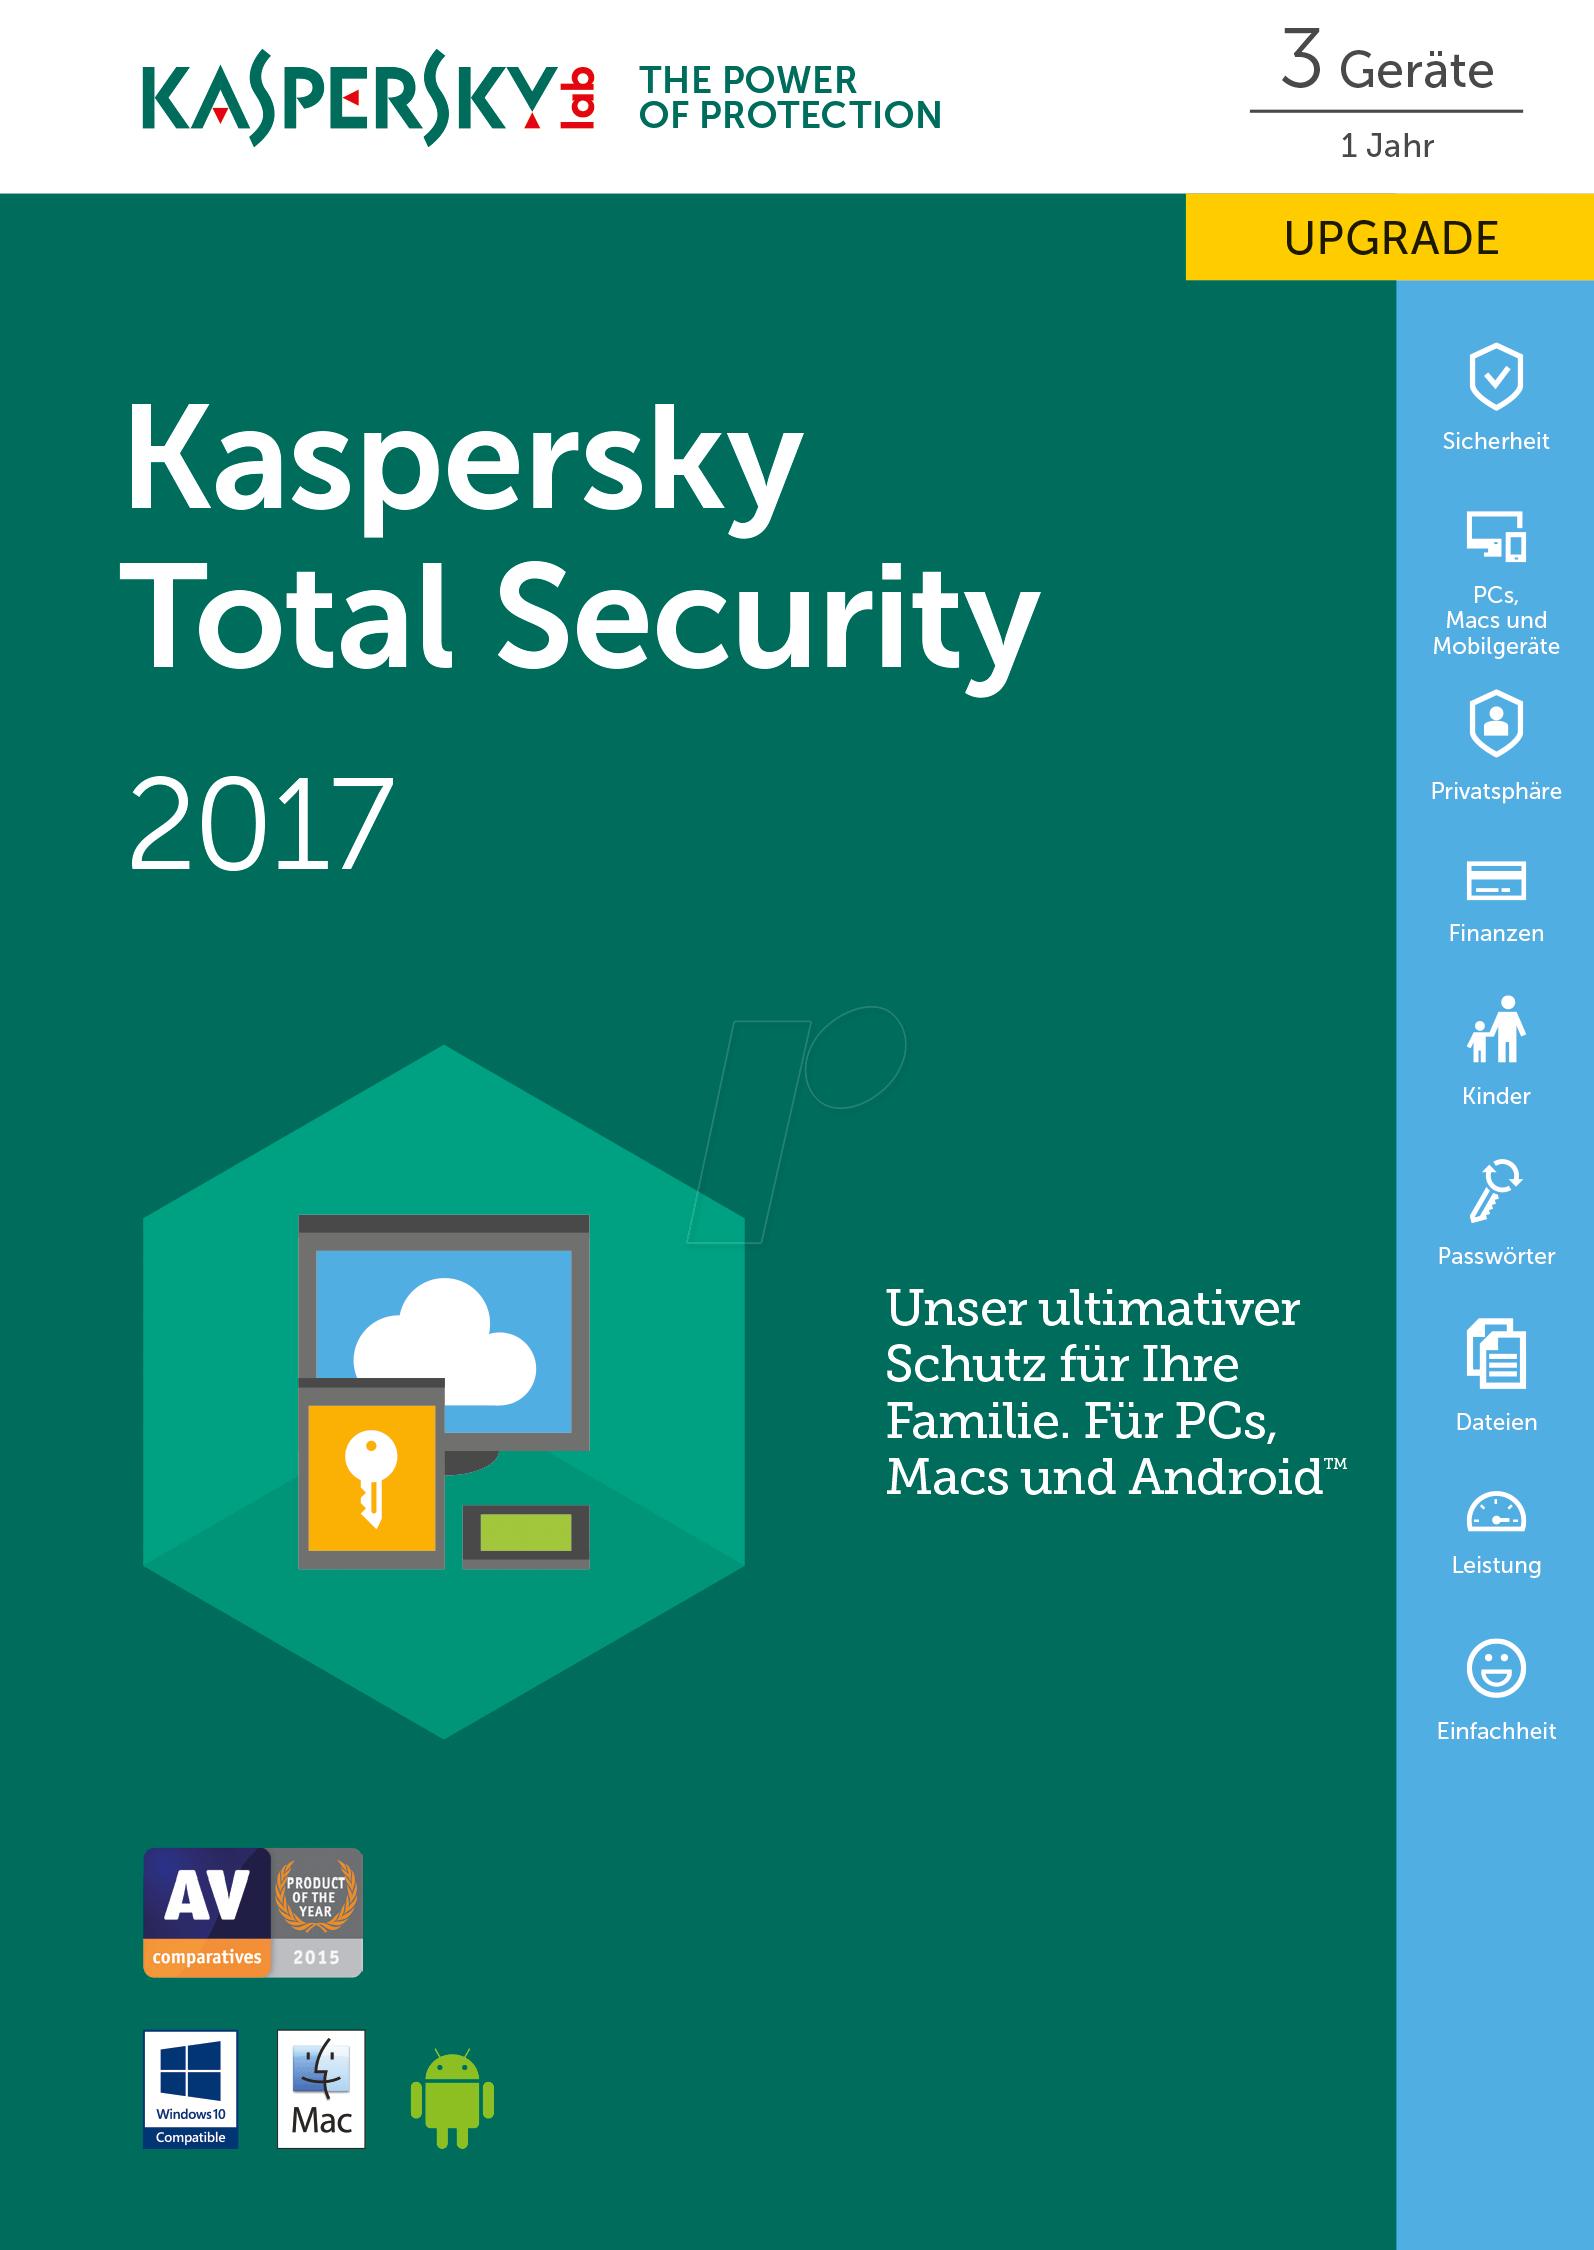 https://cdn-reichelt.de/bilder/web/xxl_ws/G500/KASPERSKY_TS2017_UPG_02.png